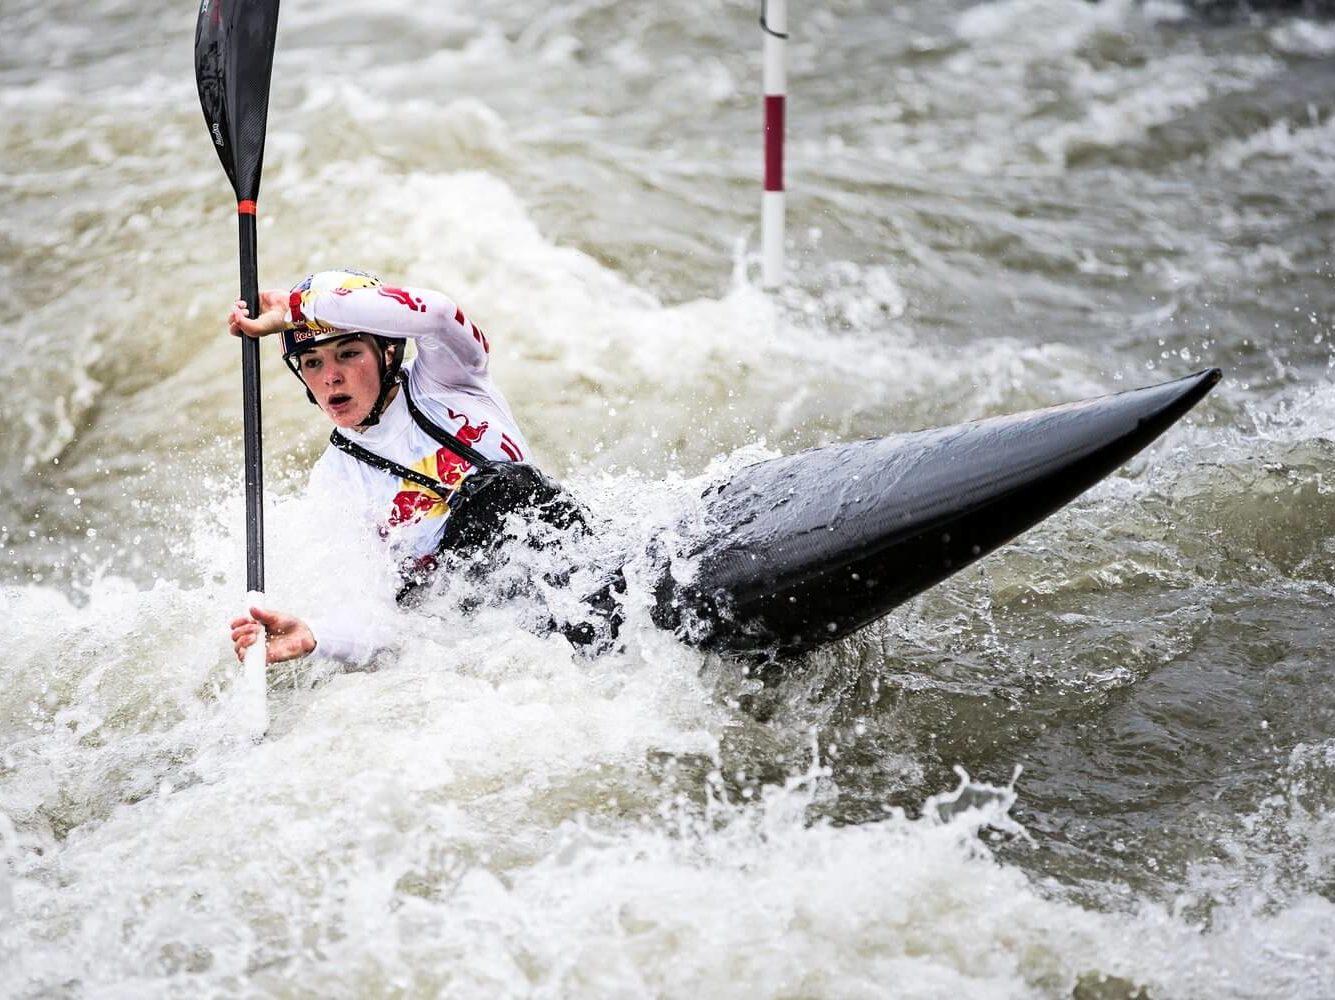 Nouria Newman kayak athlète haut niveau wechamp entreprise conférence